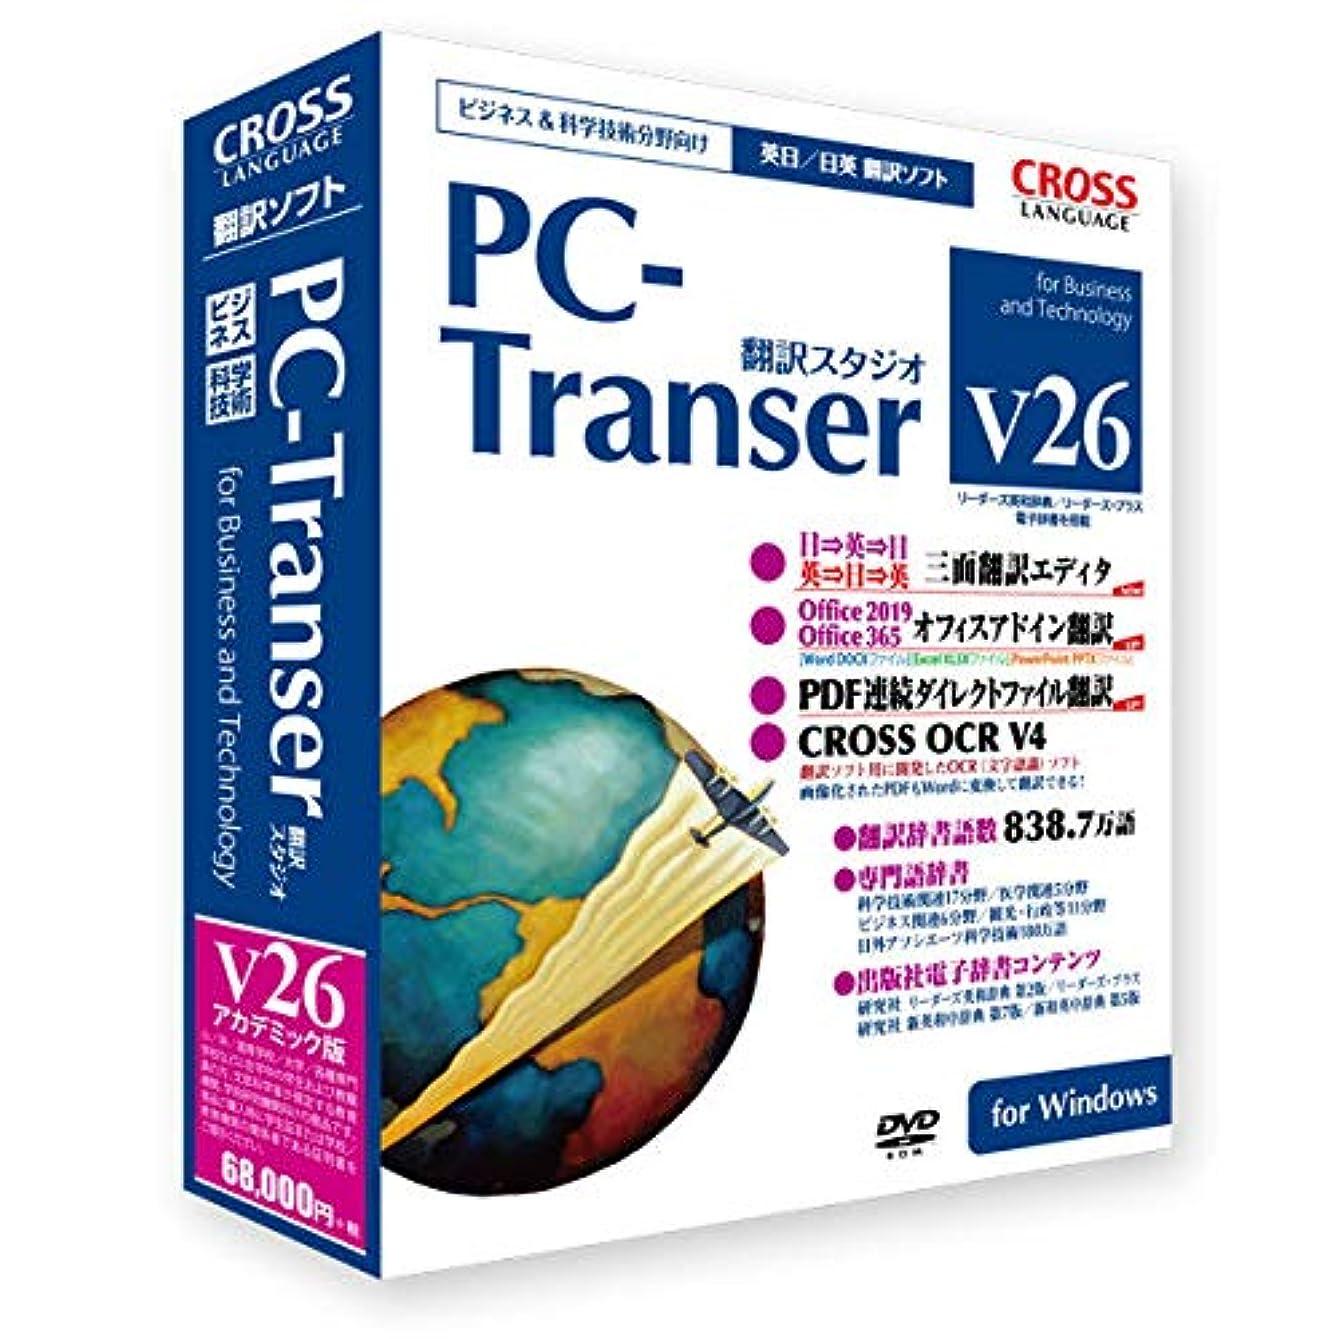 添付マラソン緩むPC-Transer 翻訳スタジオ V26 アカデミック版 for Windows